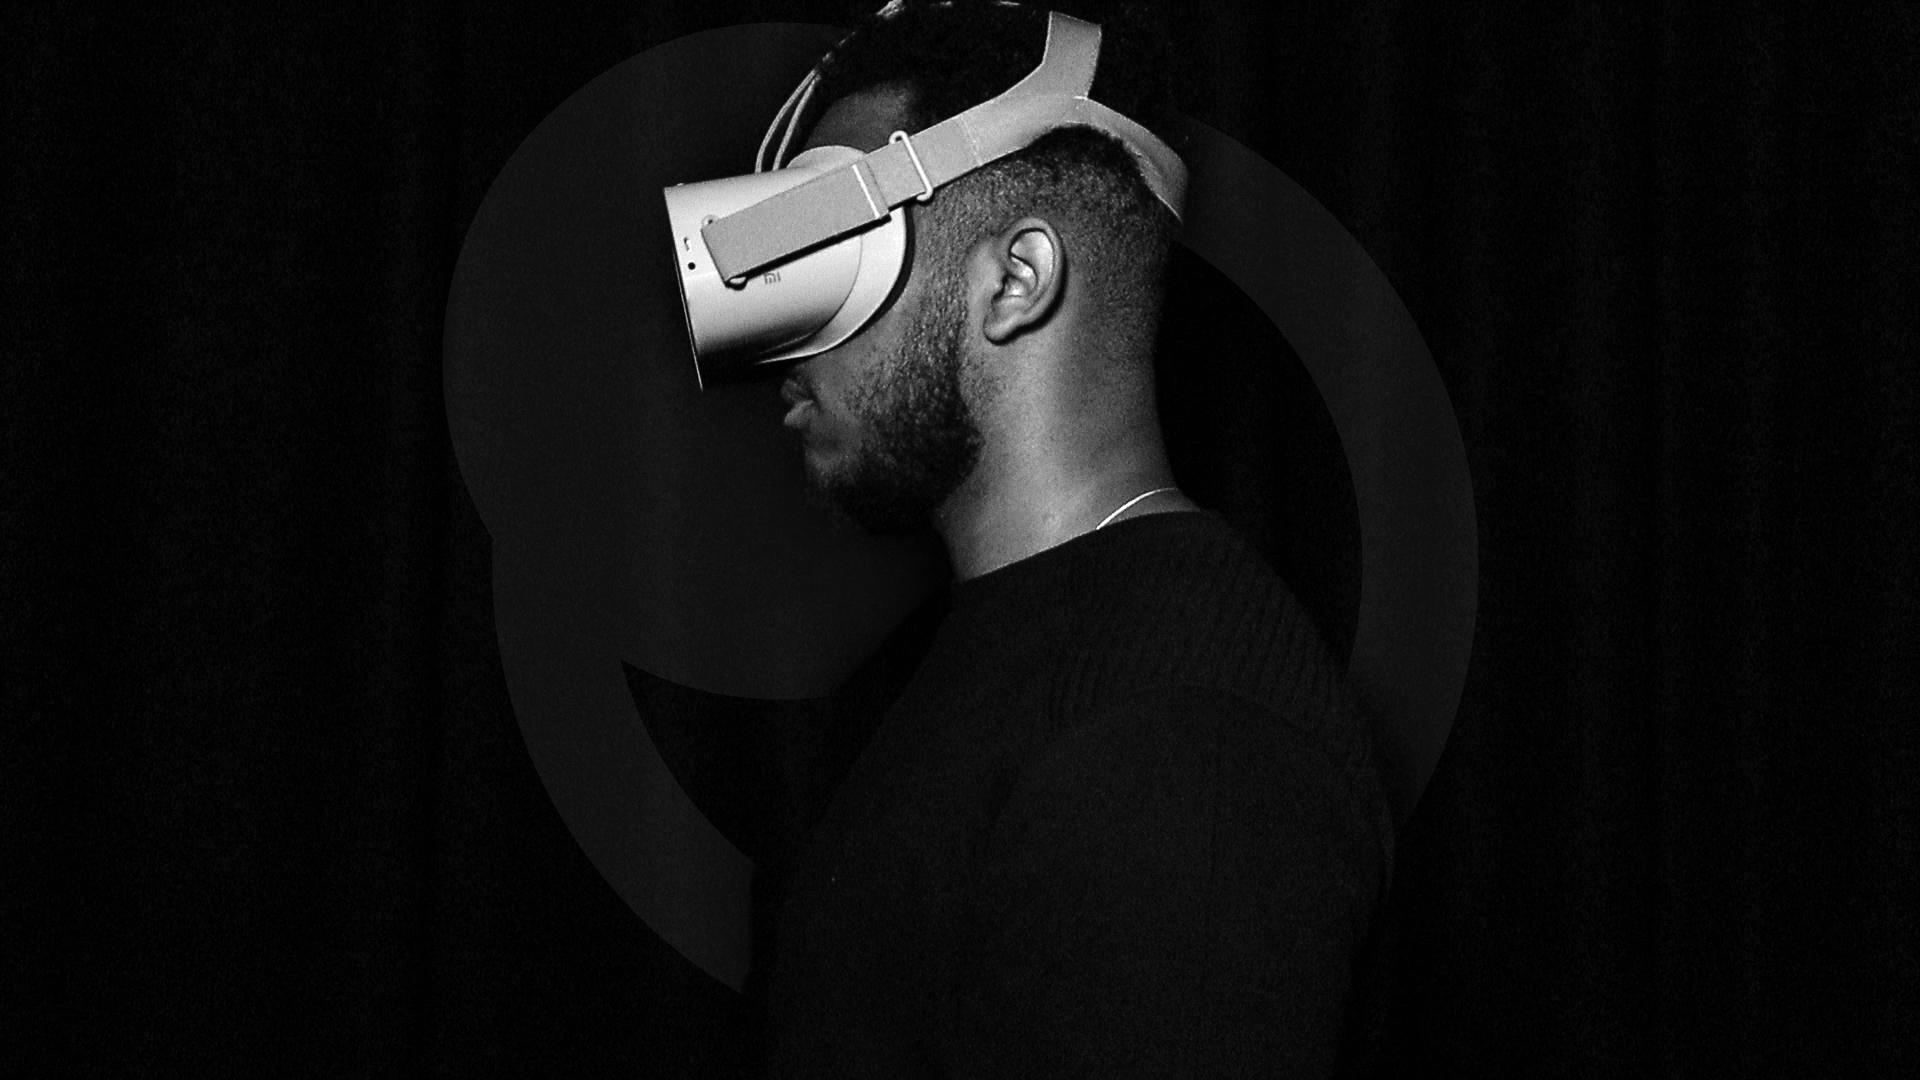 VR training solution, VR, Virtual Reality, VR training, VR, Virtual Reality, VR training headset solutions, Virtual reality headset solution, VR headset, Virtual reality headset